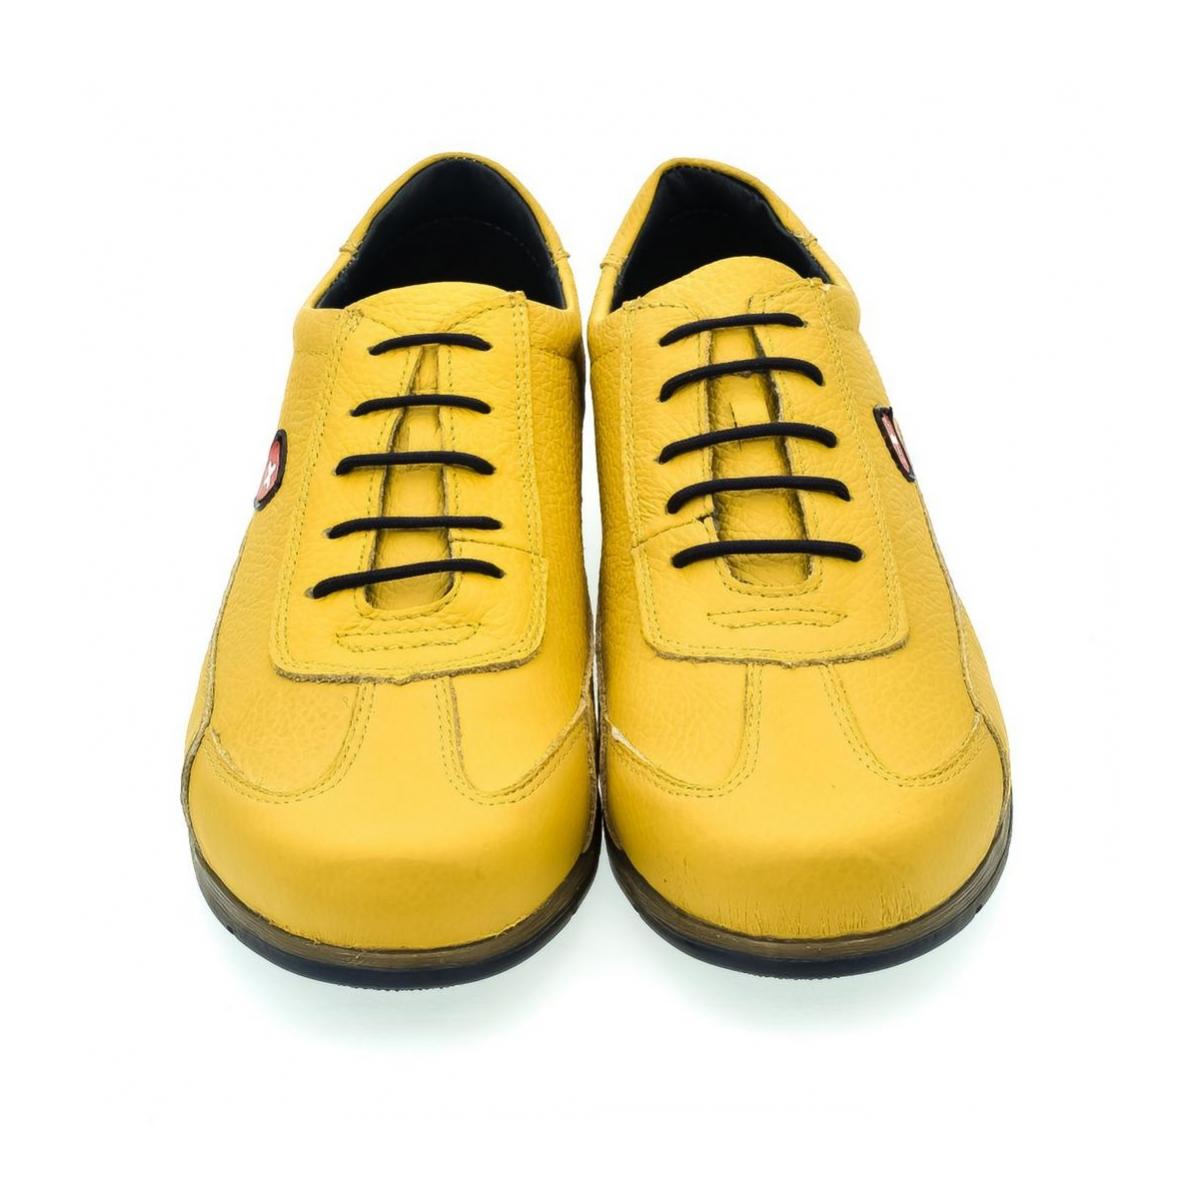 Pánske žlté kožené botasky TIGRAN - 2 8ed03d2f7e4